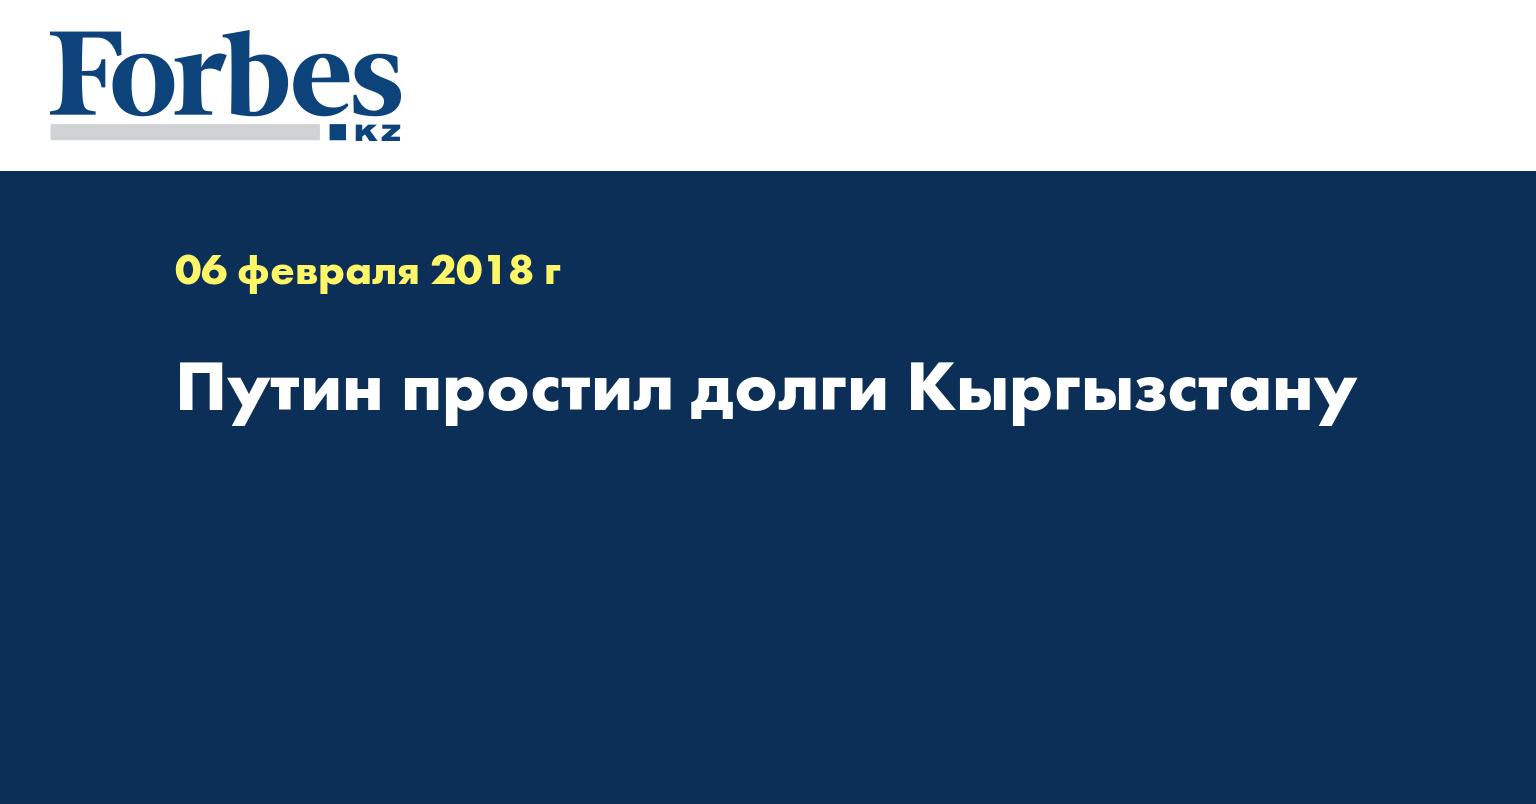 Путин простил долги Кыргызстану